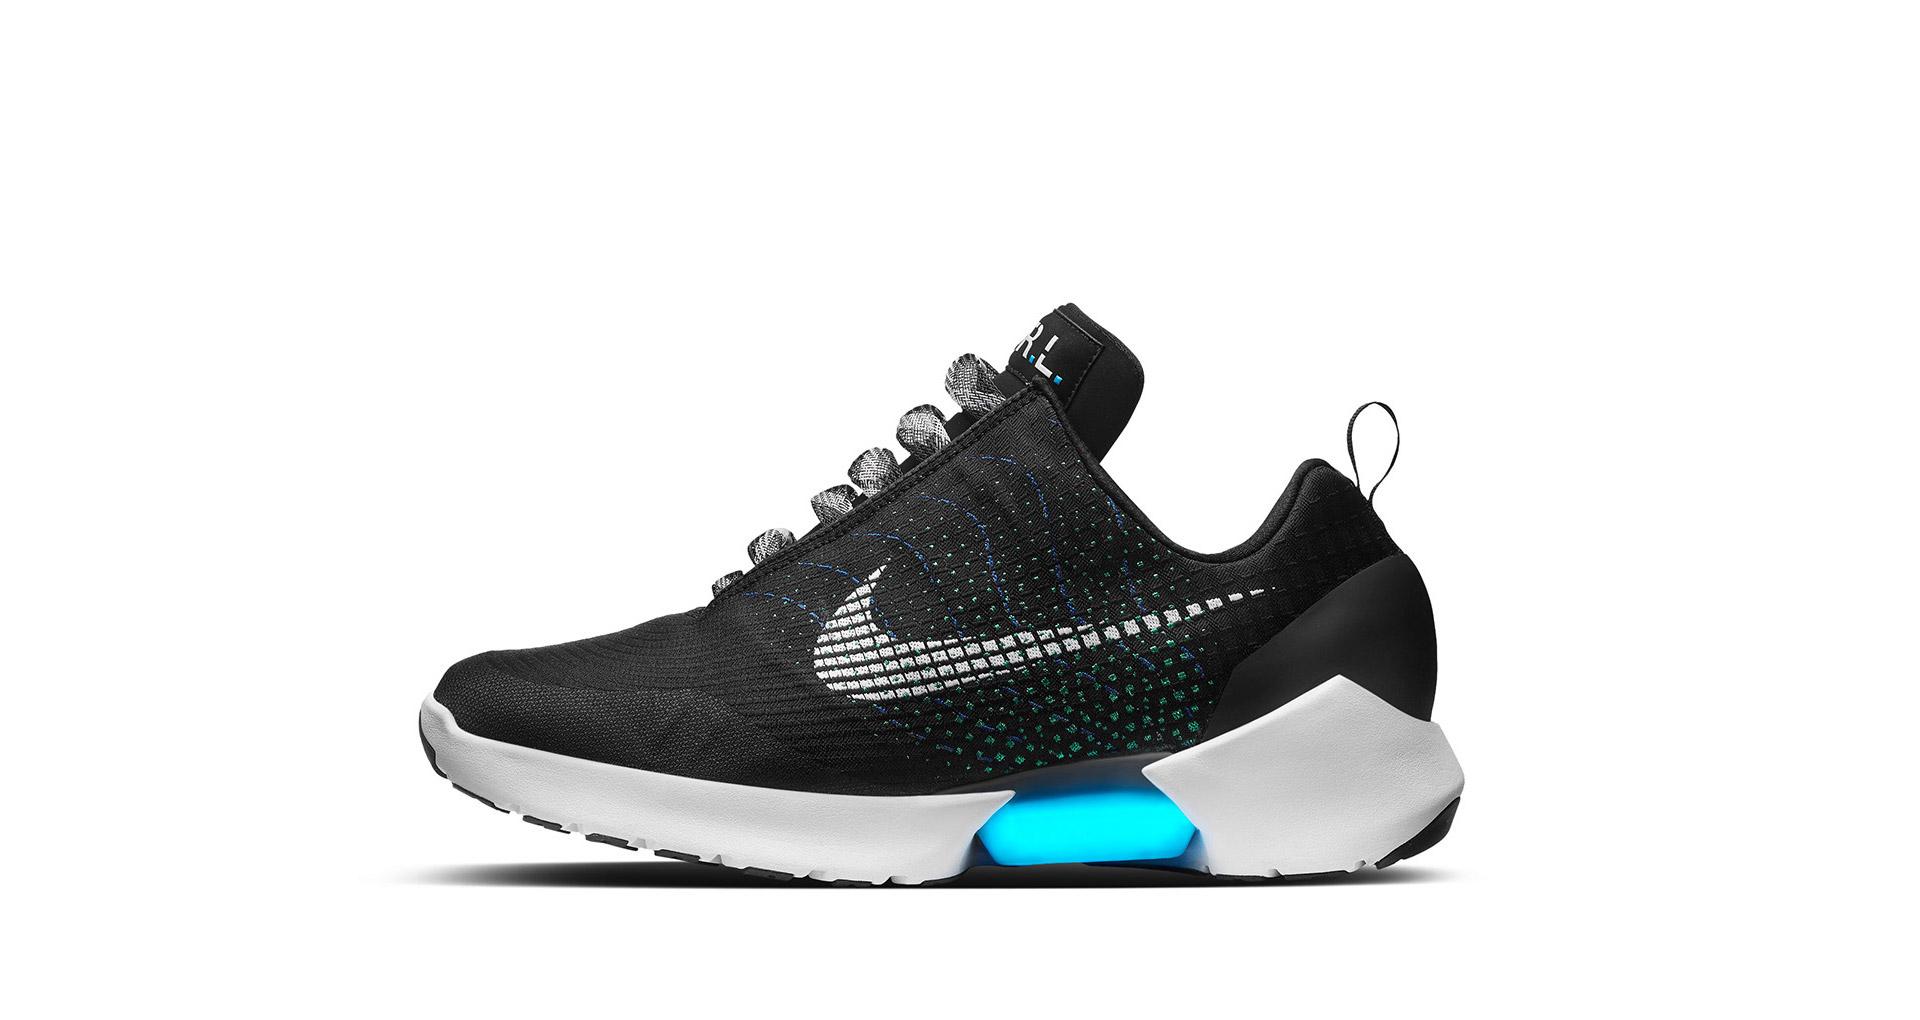 Giày Nike HyperAdapt 1.0 - Chào mừng đến với thế hệ giày của tương lai !